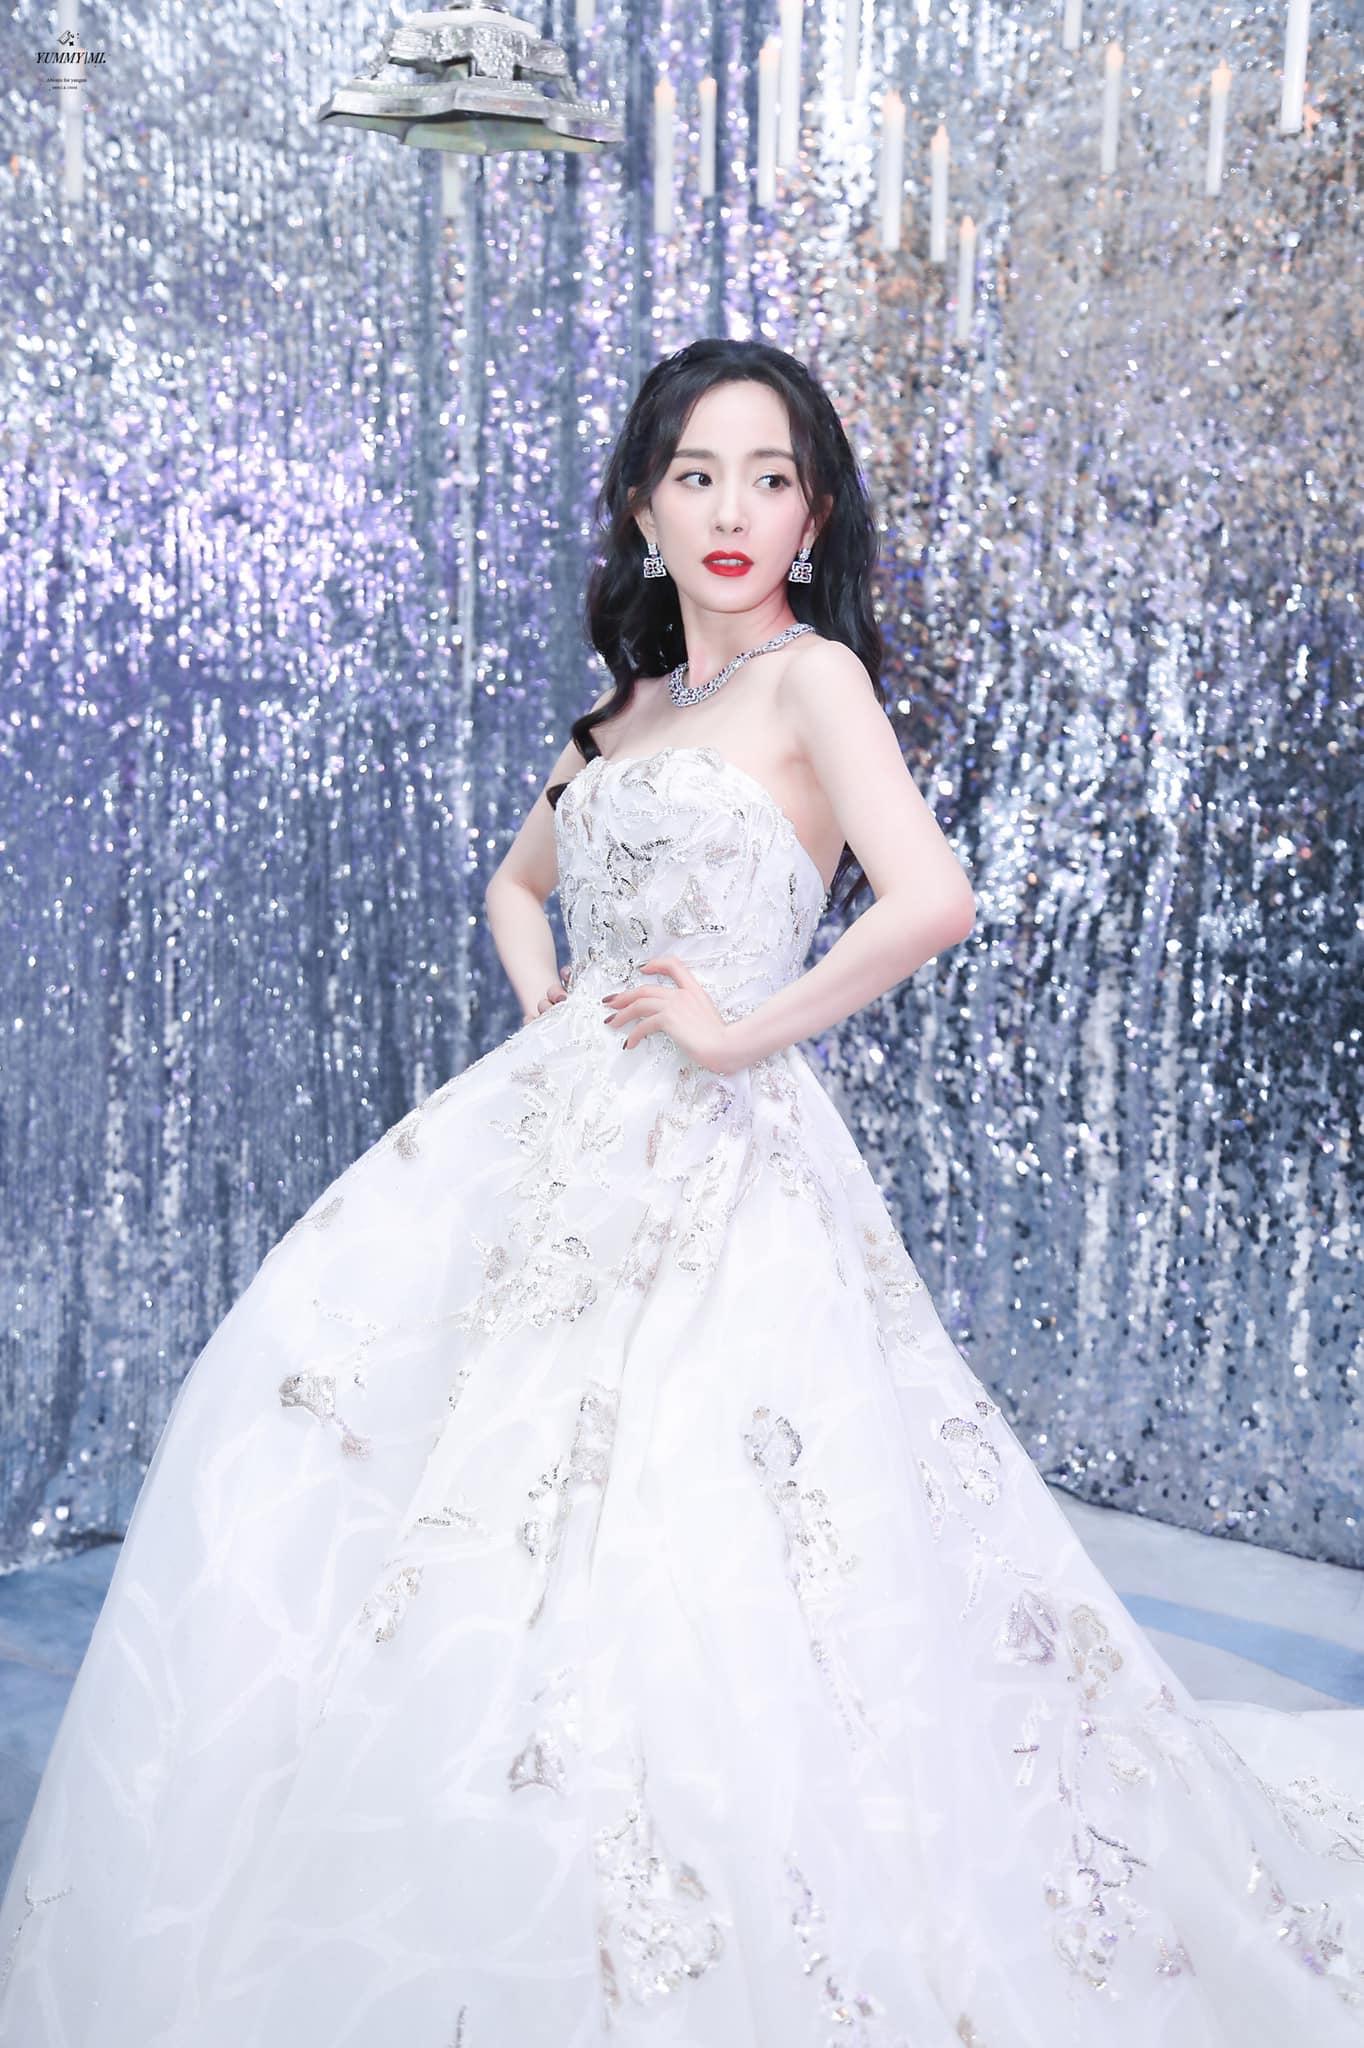 Nữ thần Cbiz khoe visual nức nở trong váy cưới: Nhiệt Ba, Tịnh Y đẹp 'nhức nách', Dương Mịch bỏ bùa Cnet 14